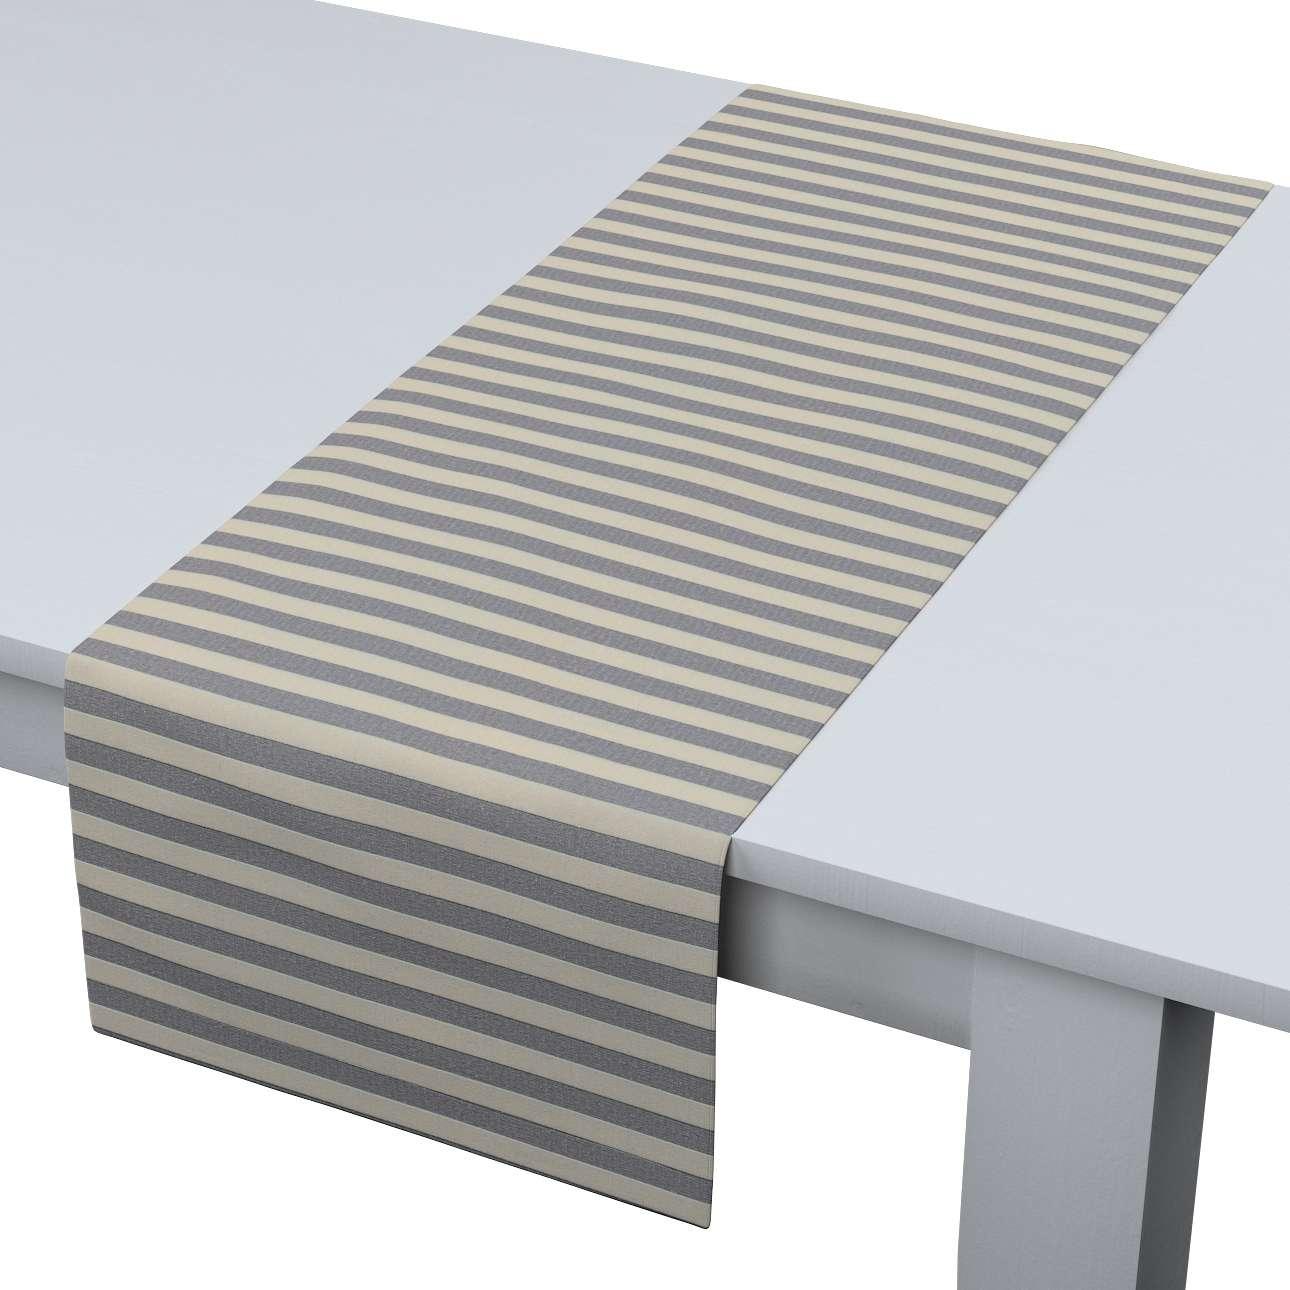 Bieżnik prostokątny 40x130 cm w kolekcji Quadro, tkanina: 136-02